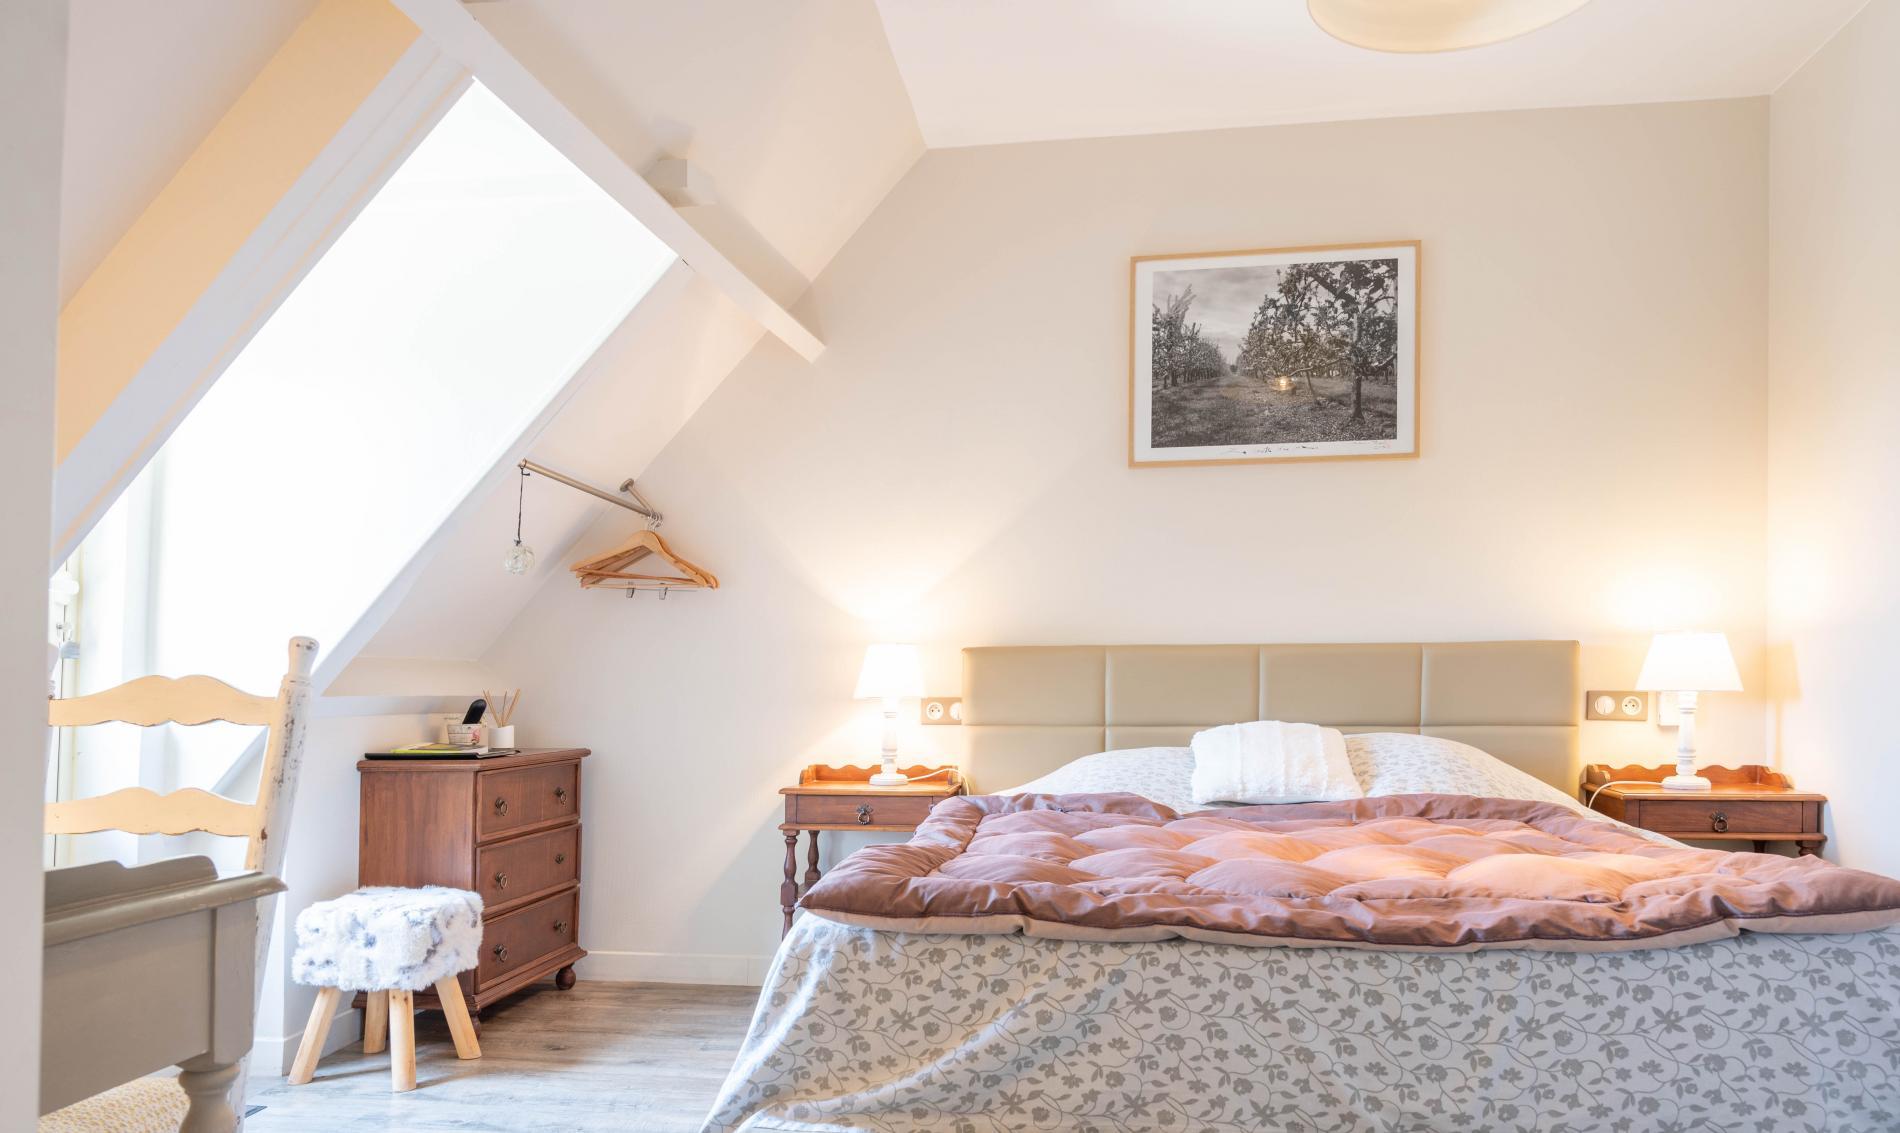 Chambre double avec terrasse